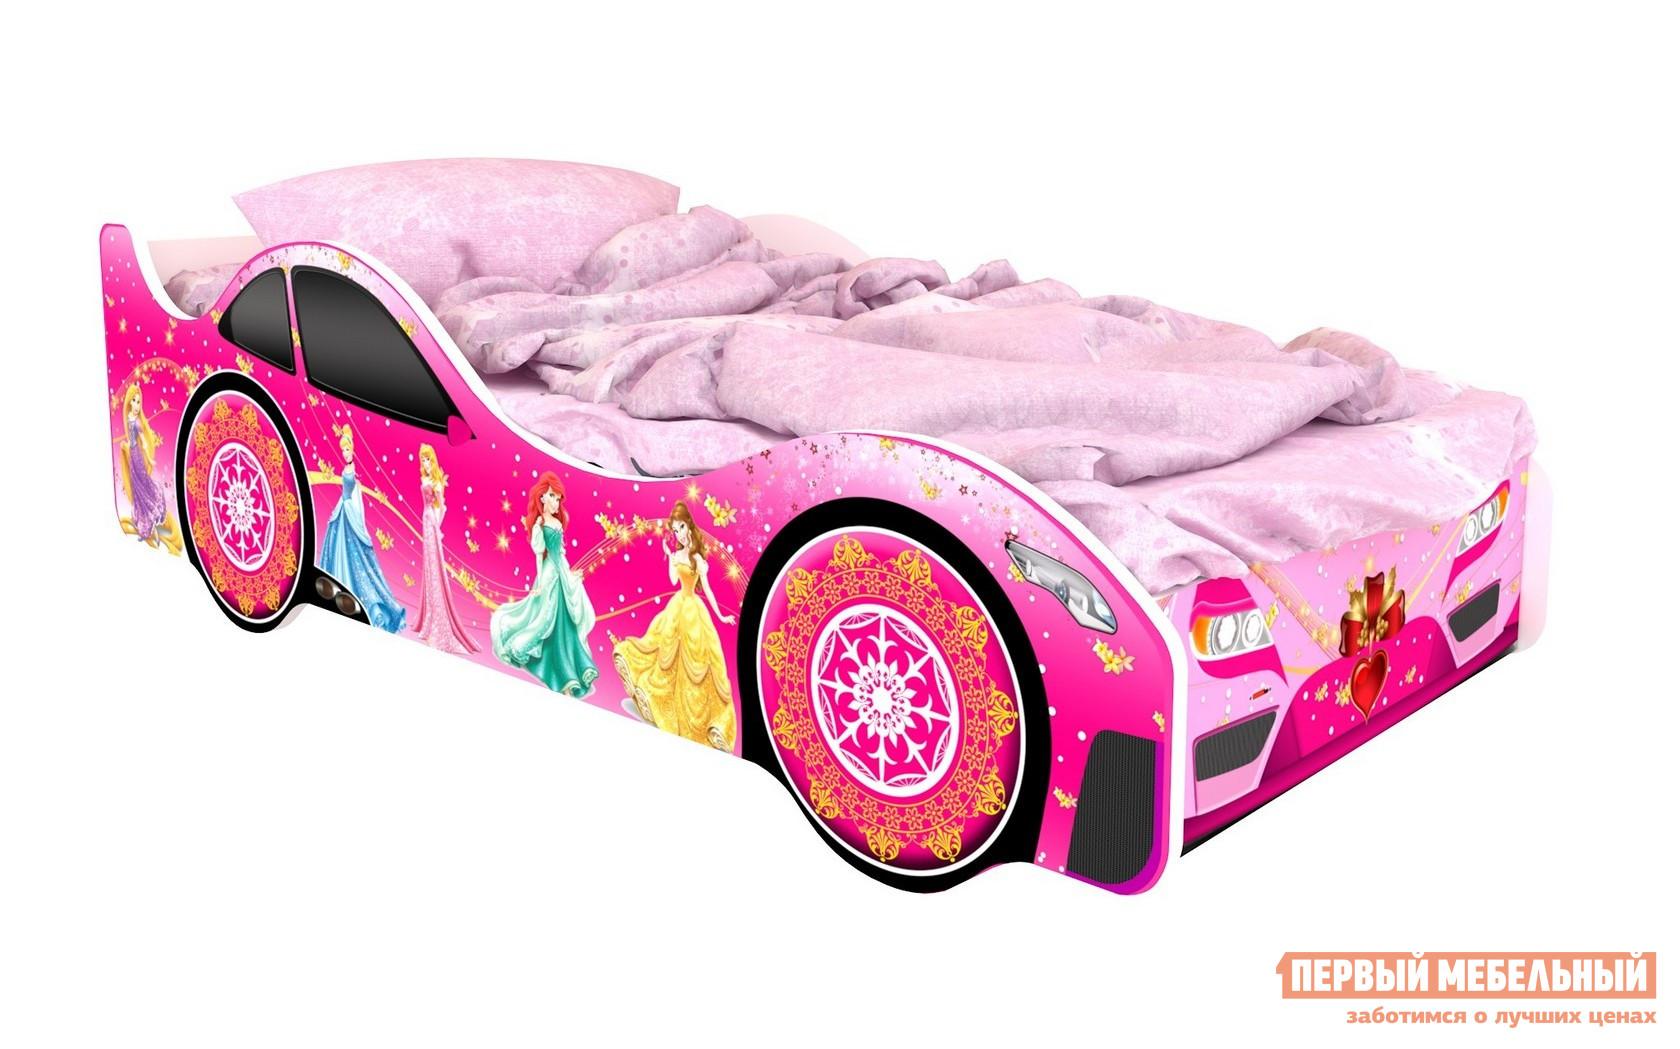 Детская двухъярусная кровать Киндер Город Розовый (Вена), Без подсветки от Купистол